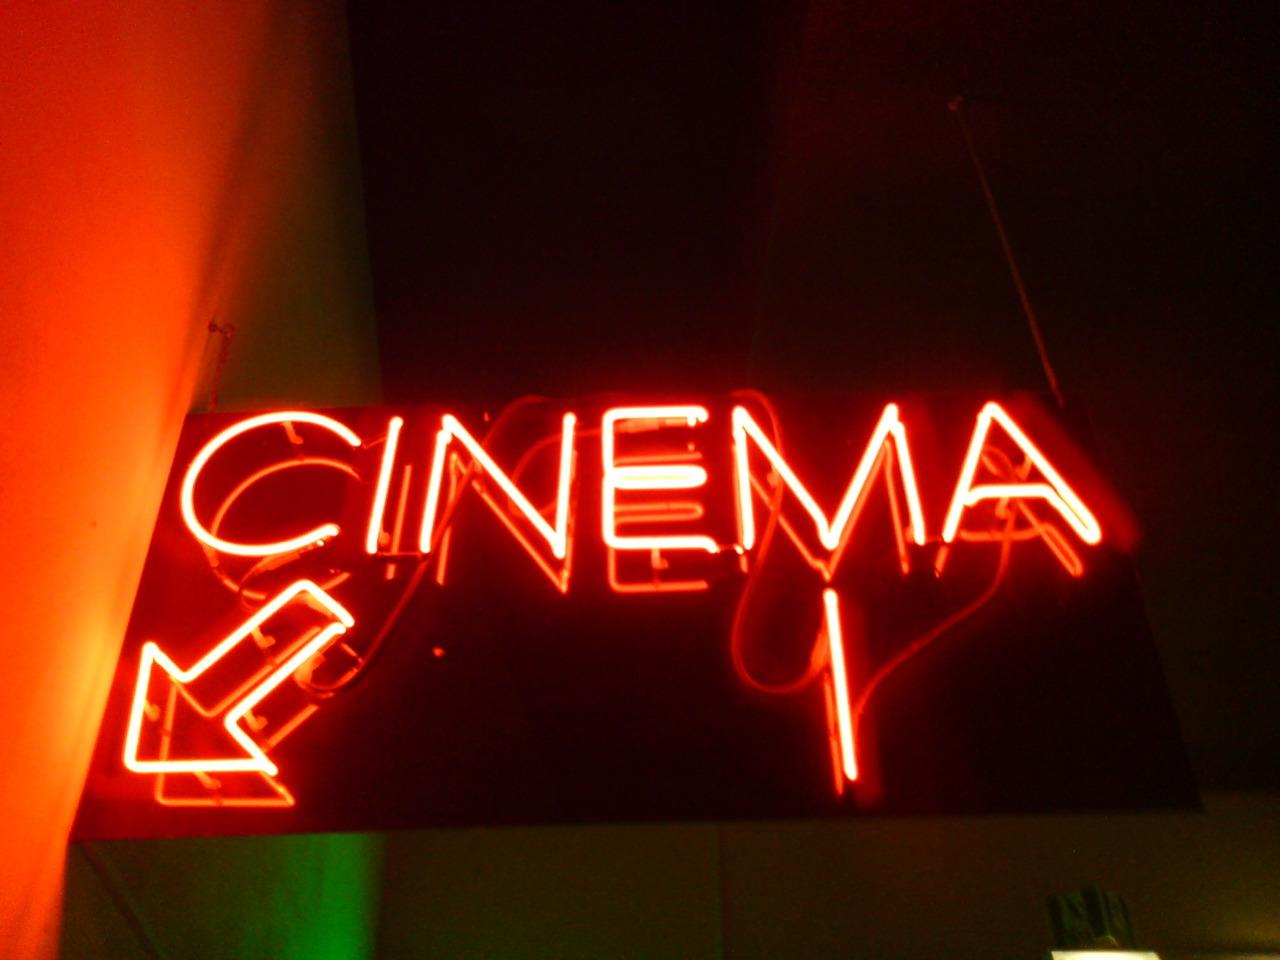 the best cinemas in valencia for v o screenings